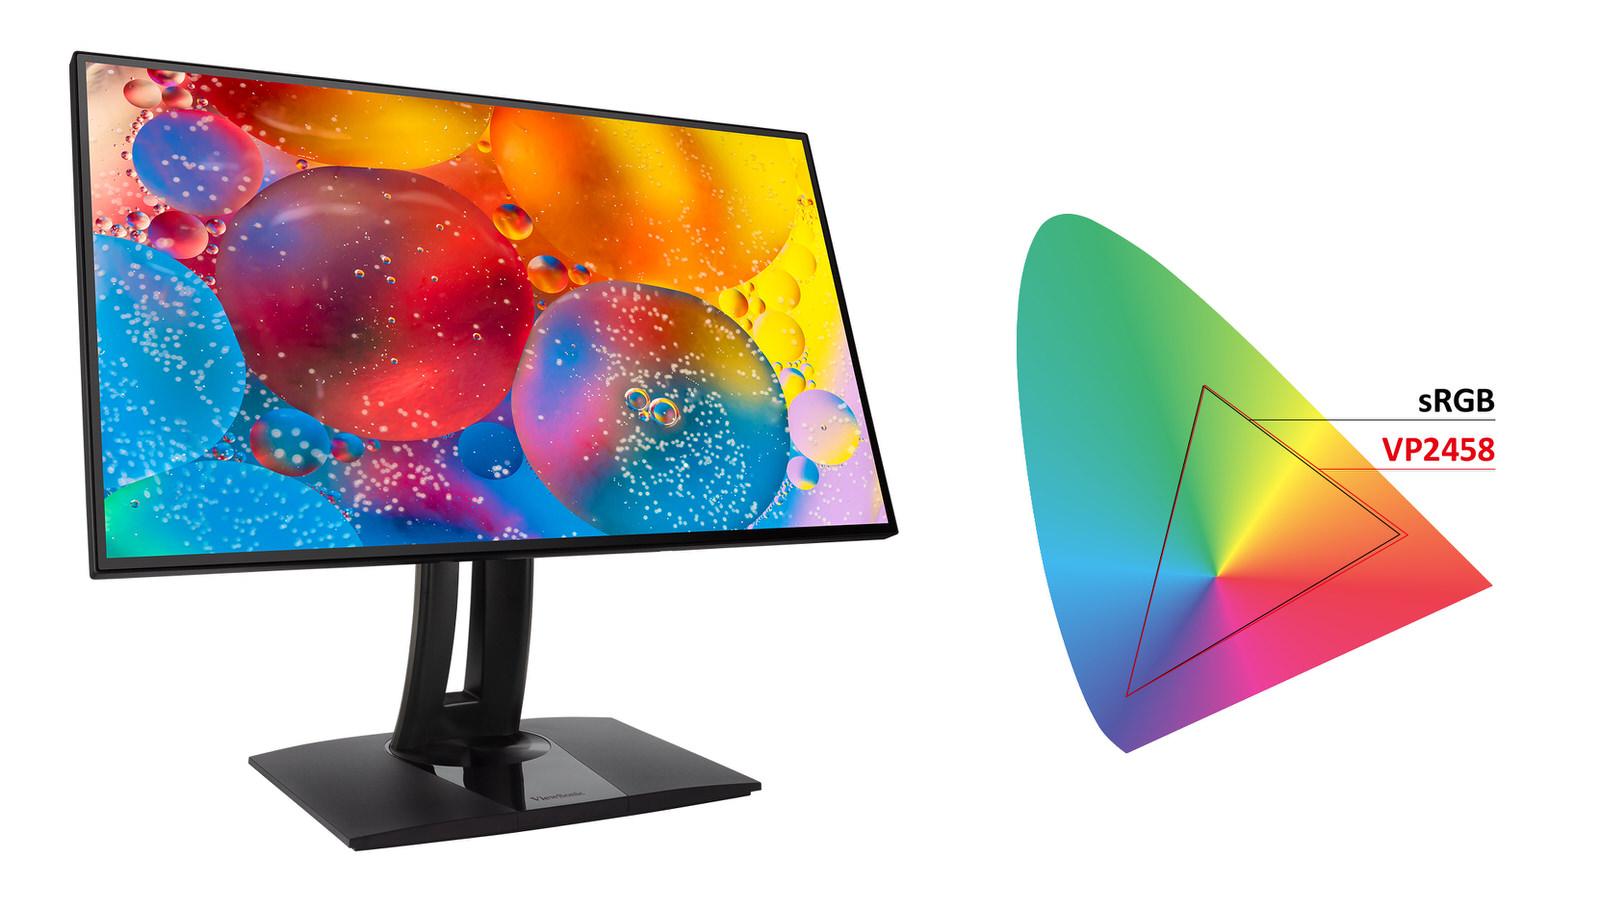 Viewsonic ra mắt màn hình VP2458 dành cho thiết kế đồ họa, giá gần 5 triệu - 4